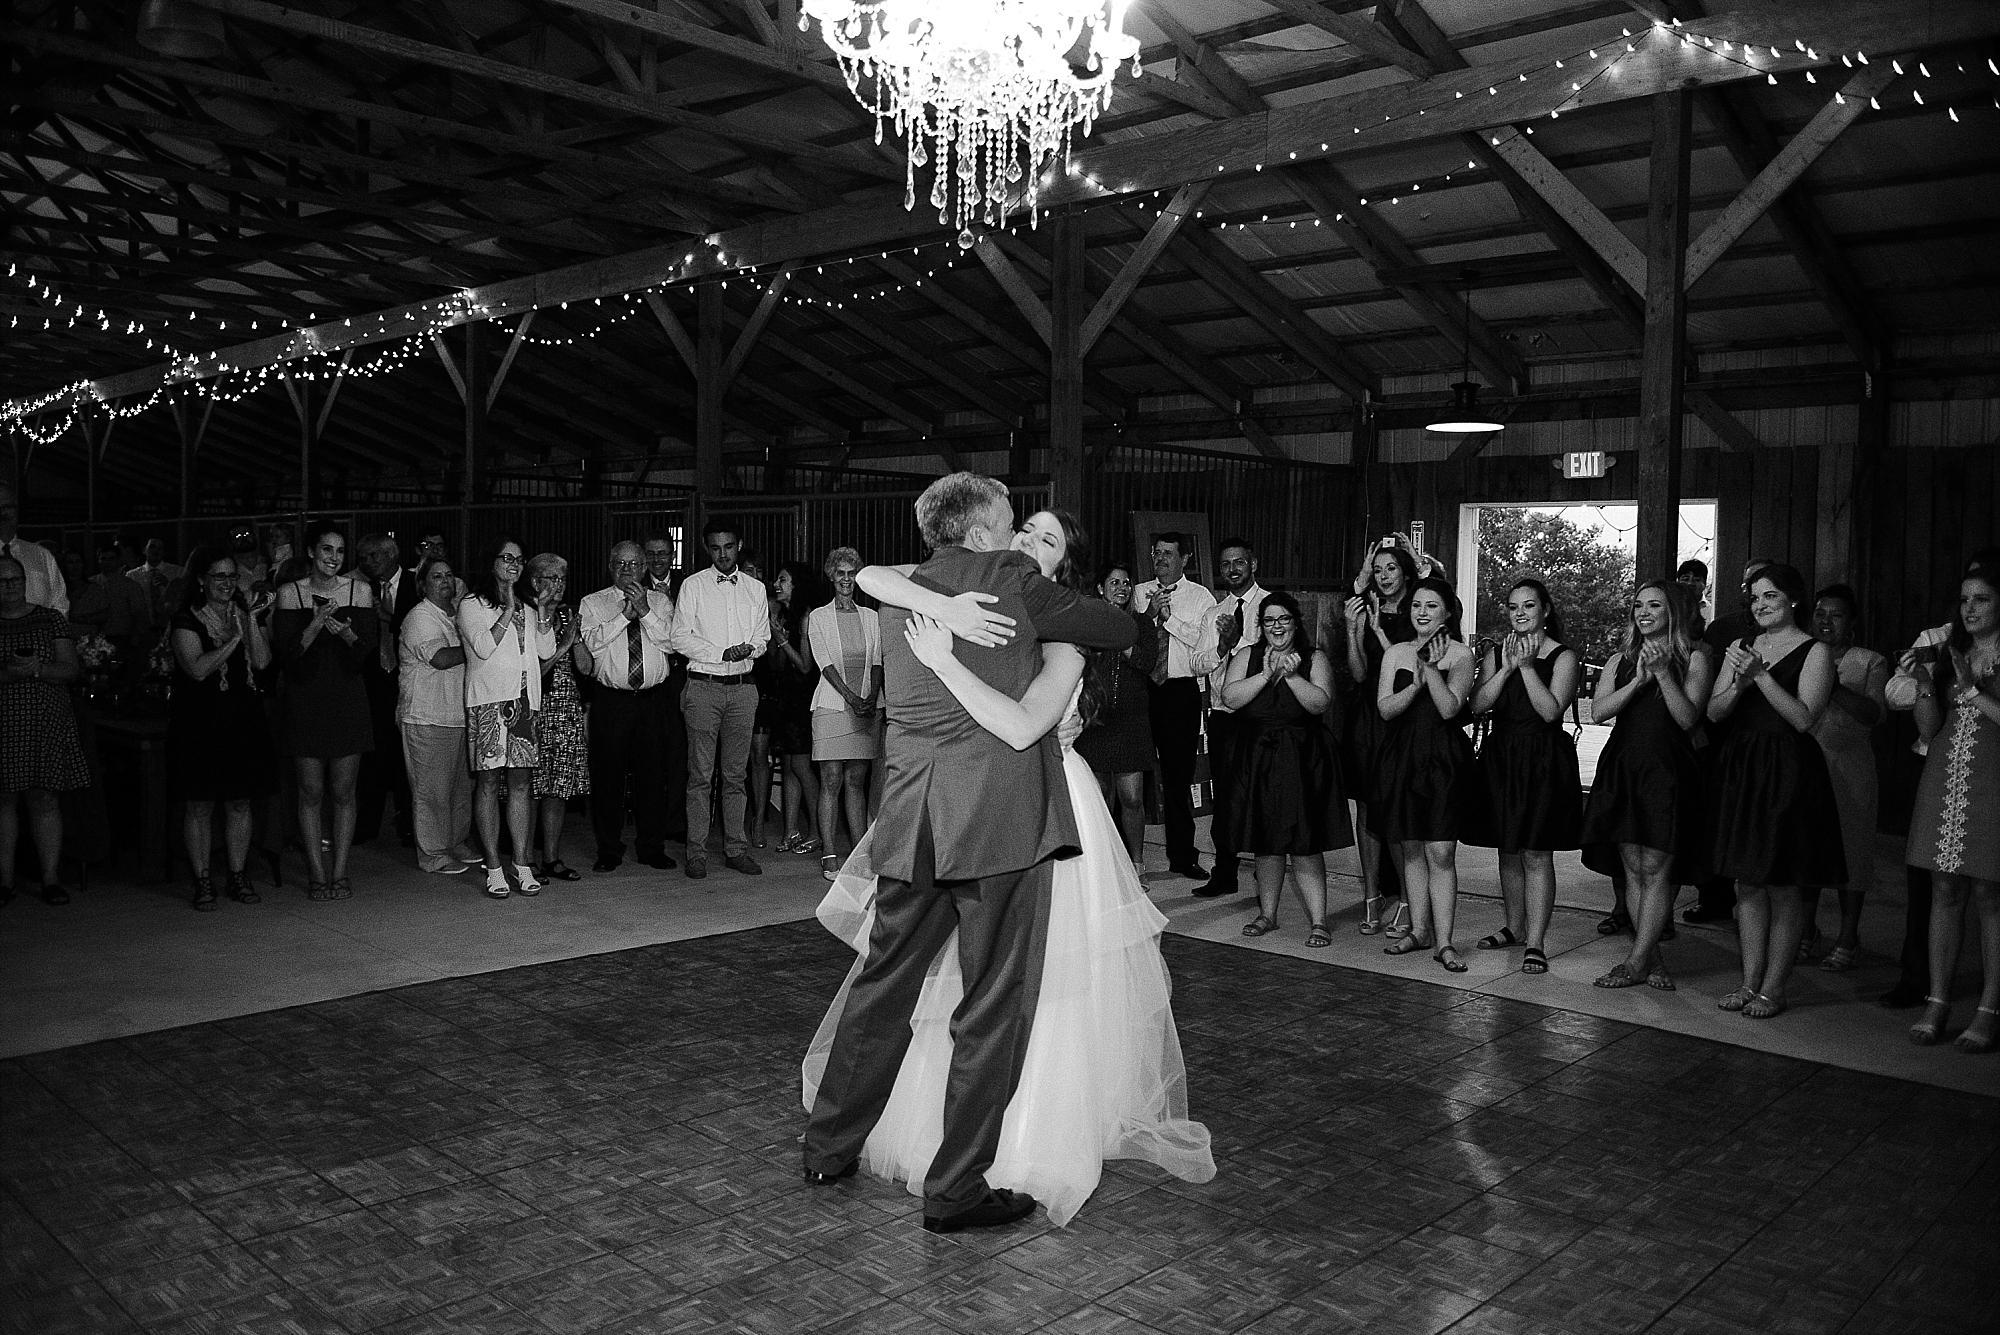 father-daughter-dance-bluegrass-wedding-barn